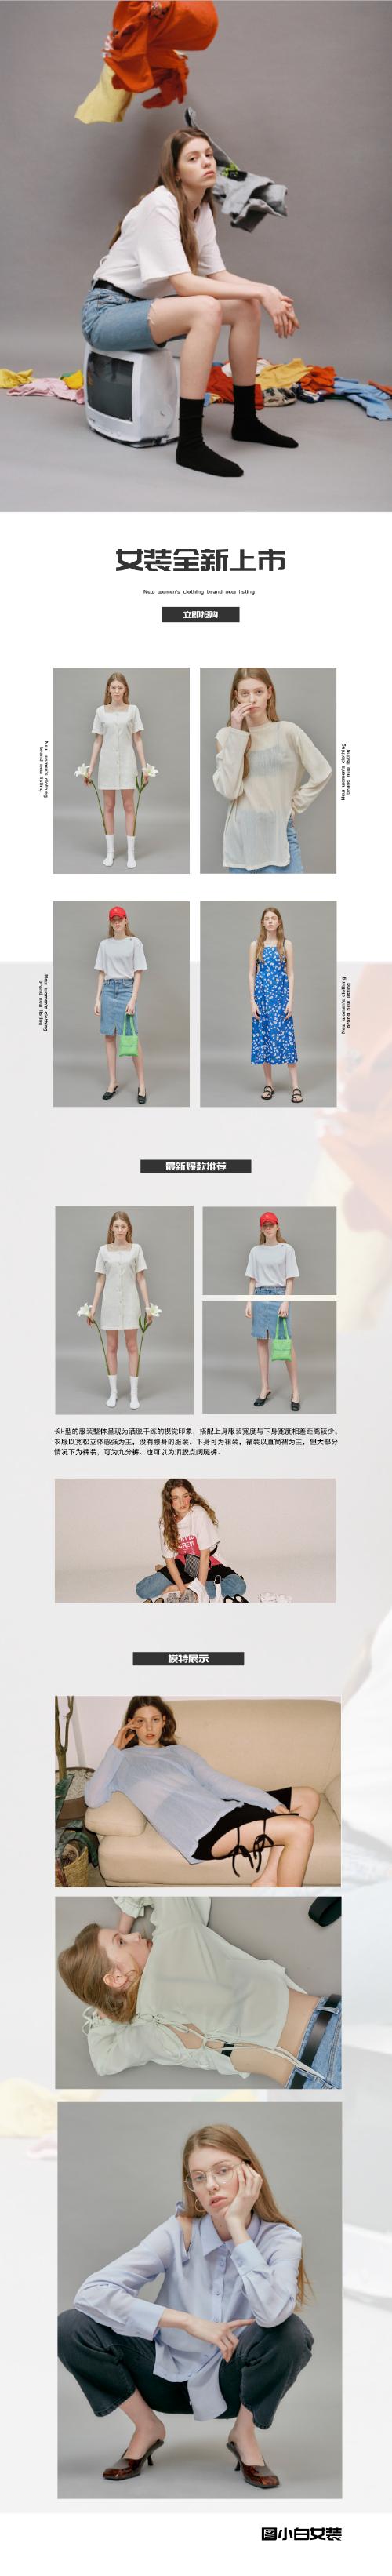 $簡介時尚女裝推薦淘寶詳情頁